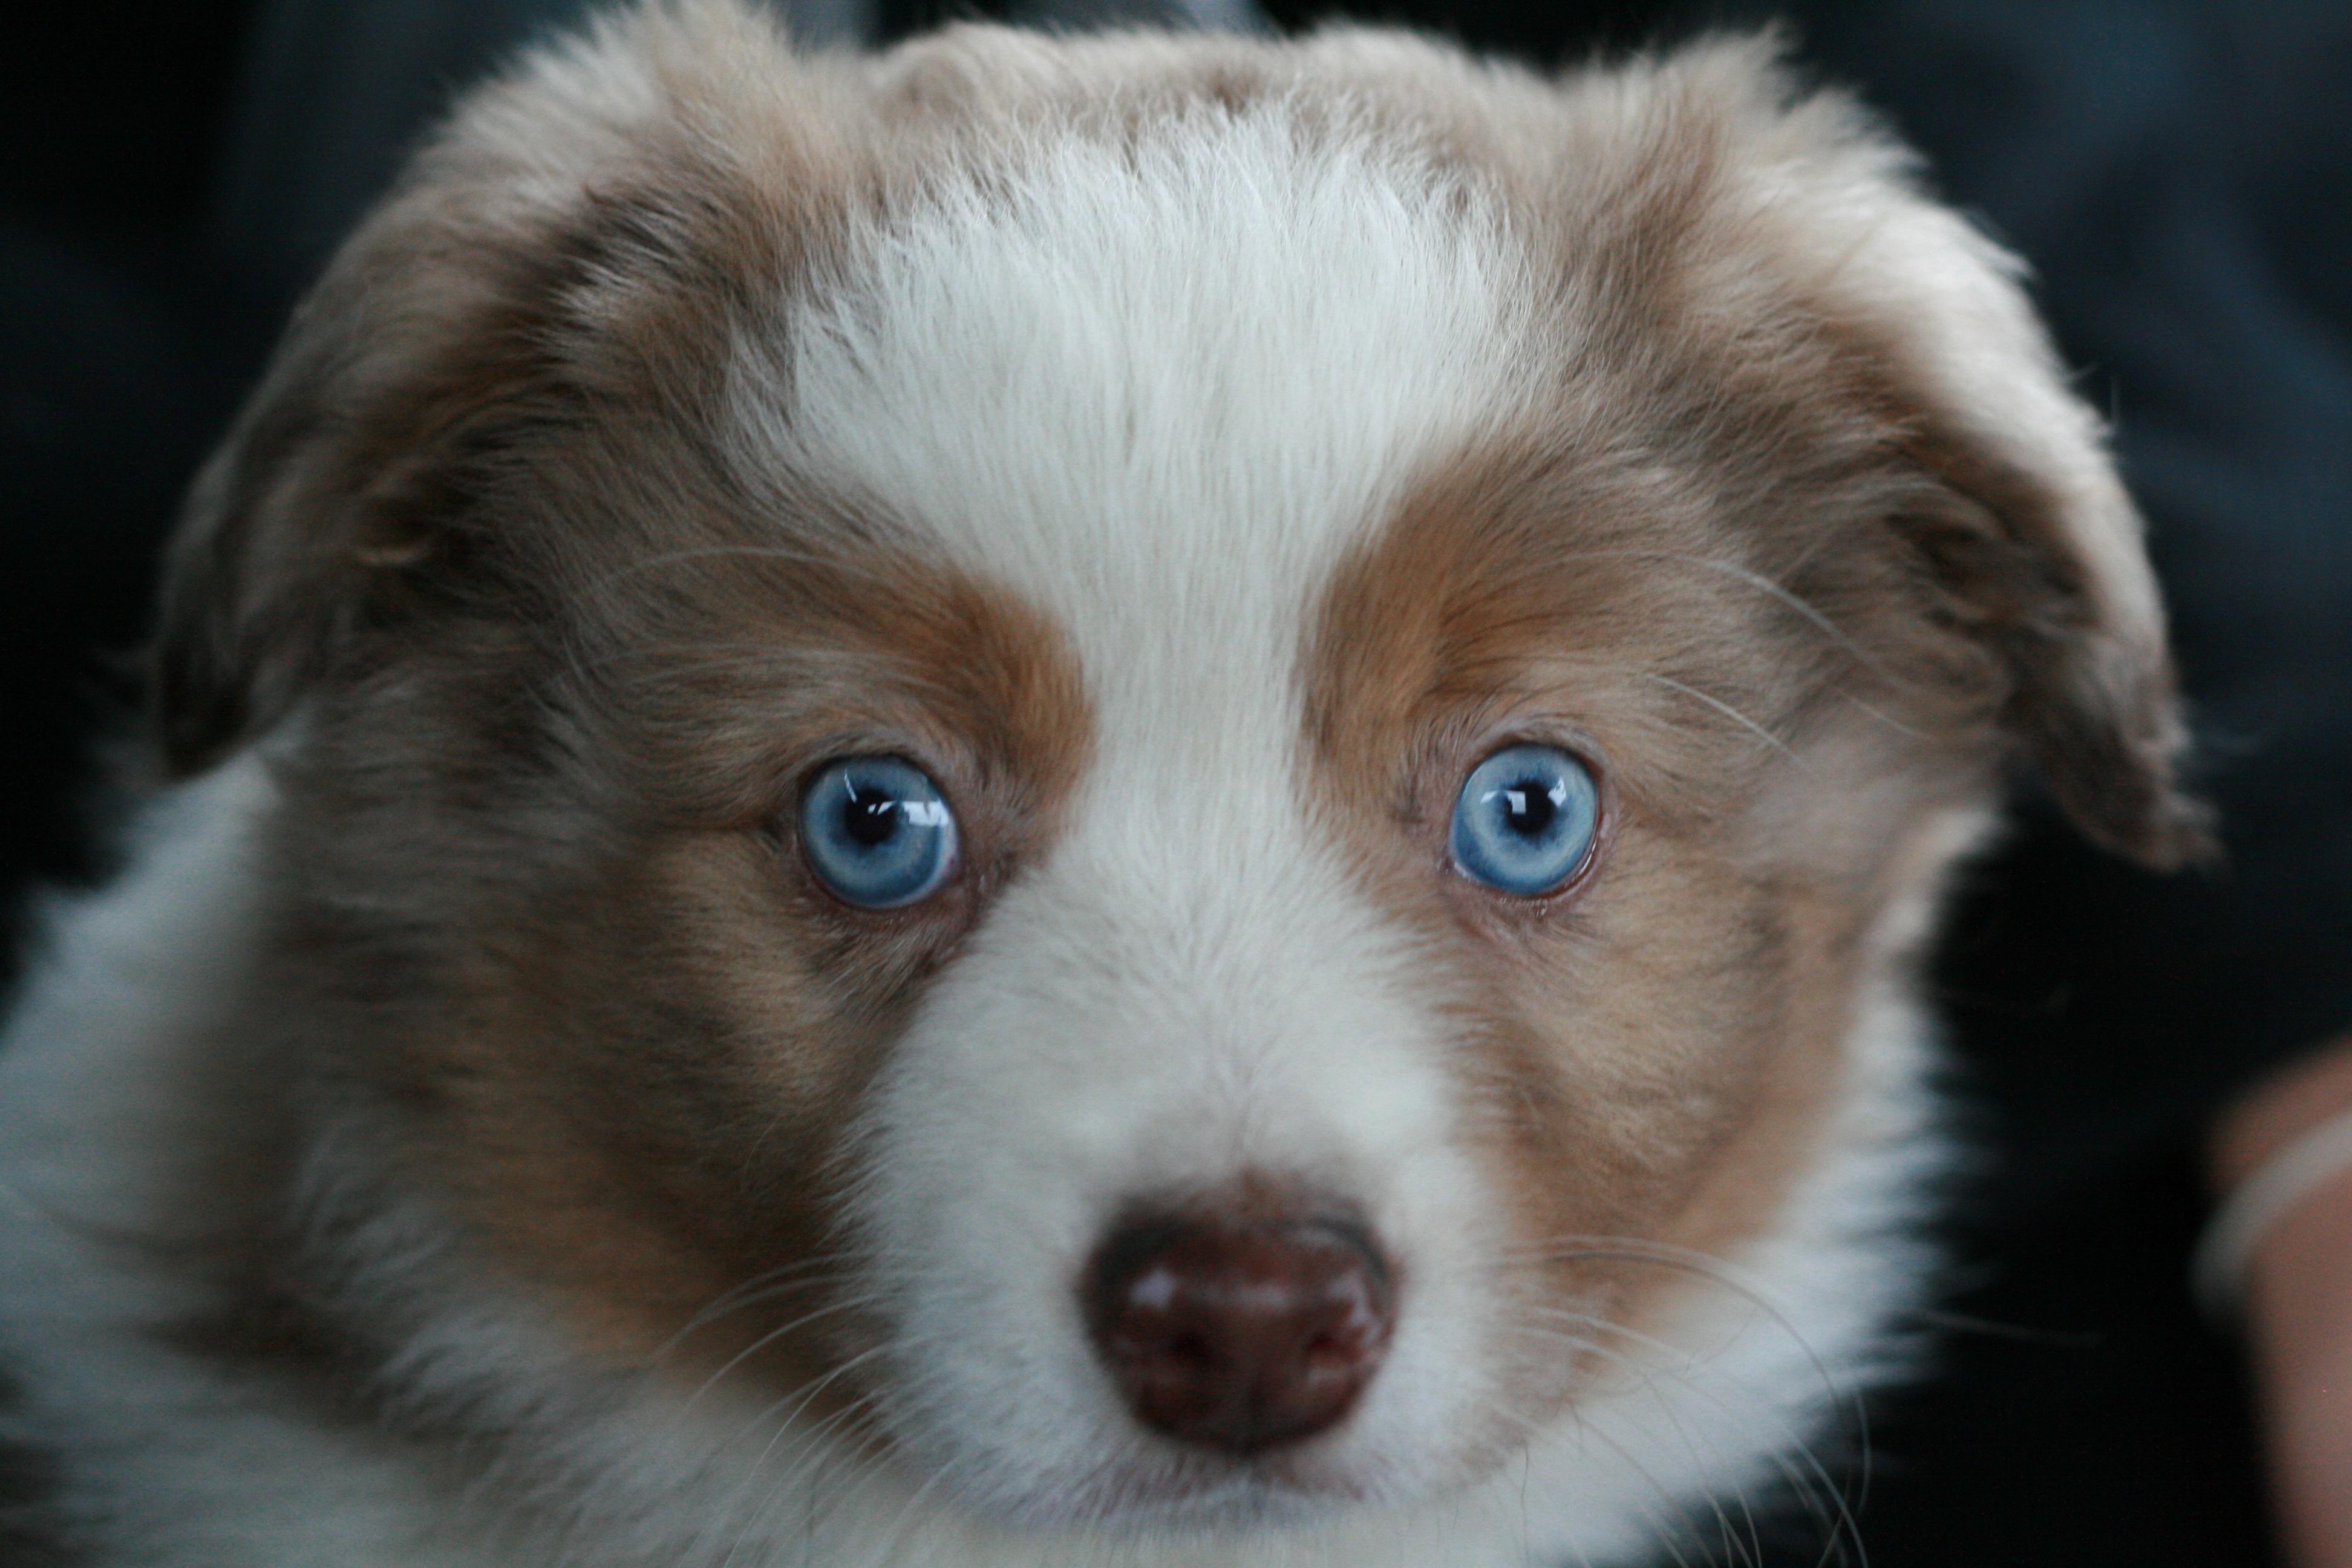 Dodatkowe Darmowe Zdjęcia : szczeniak, pies, zwierzę domowe, border collie GG09